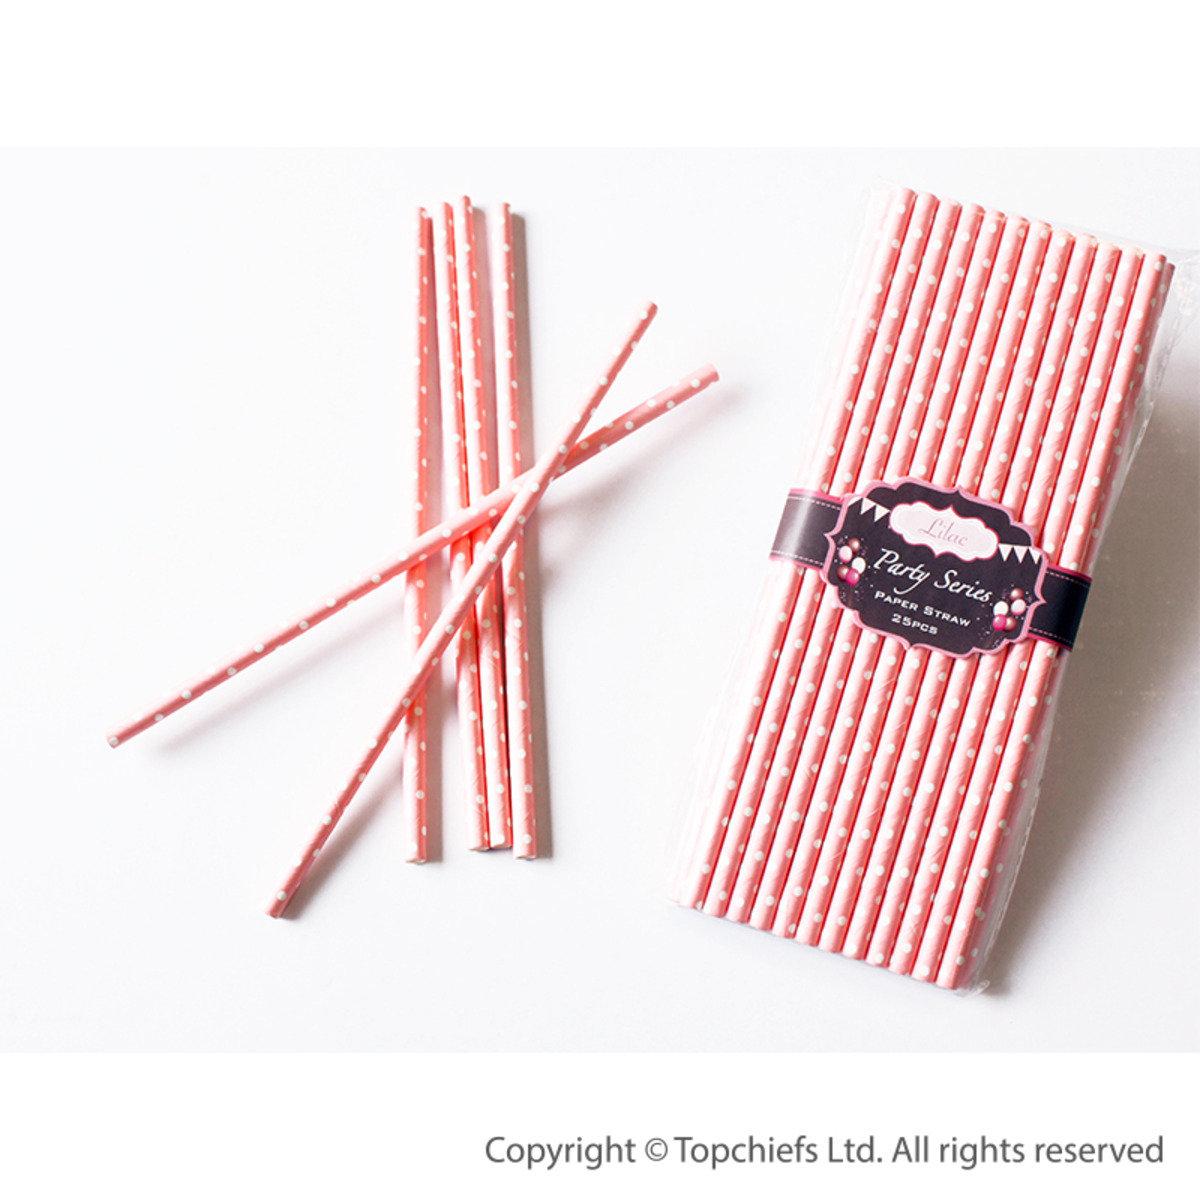 繽紛紙吸管 (深粉紅色底, 白色波點) 50pcs/PACK